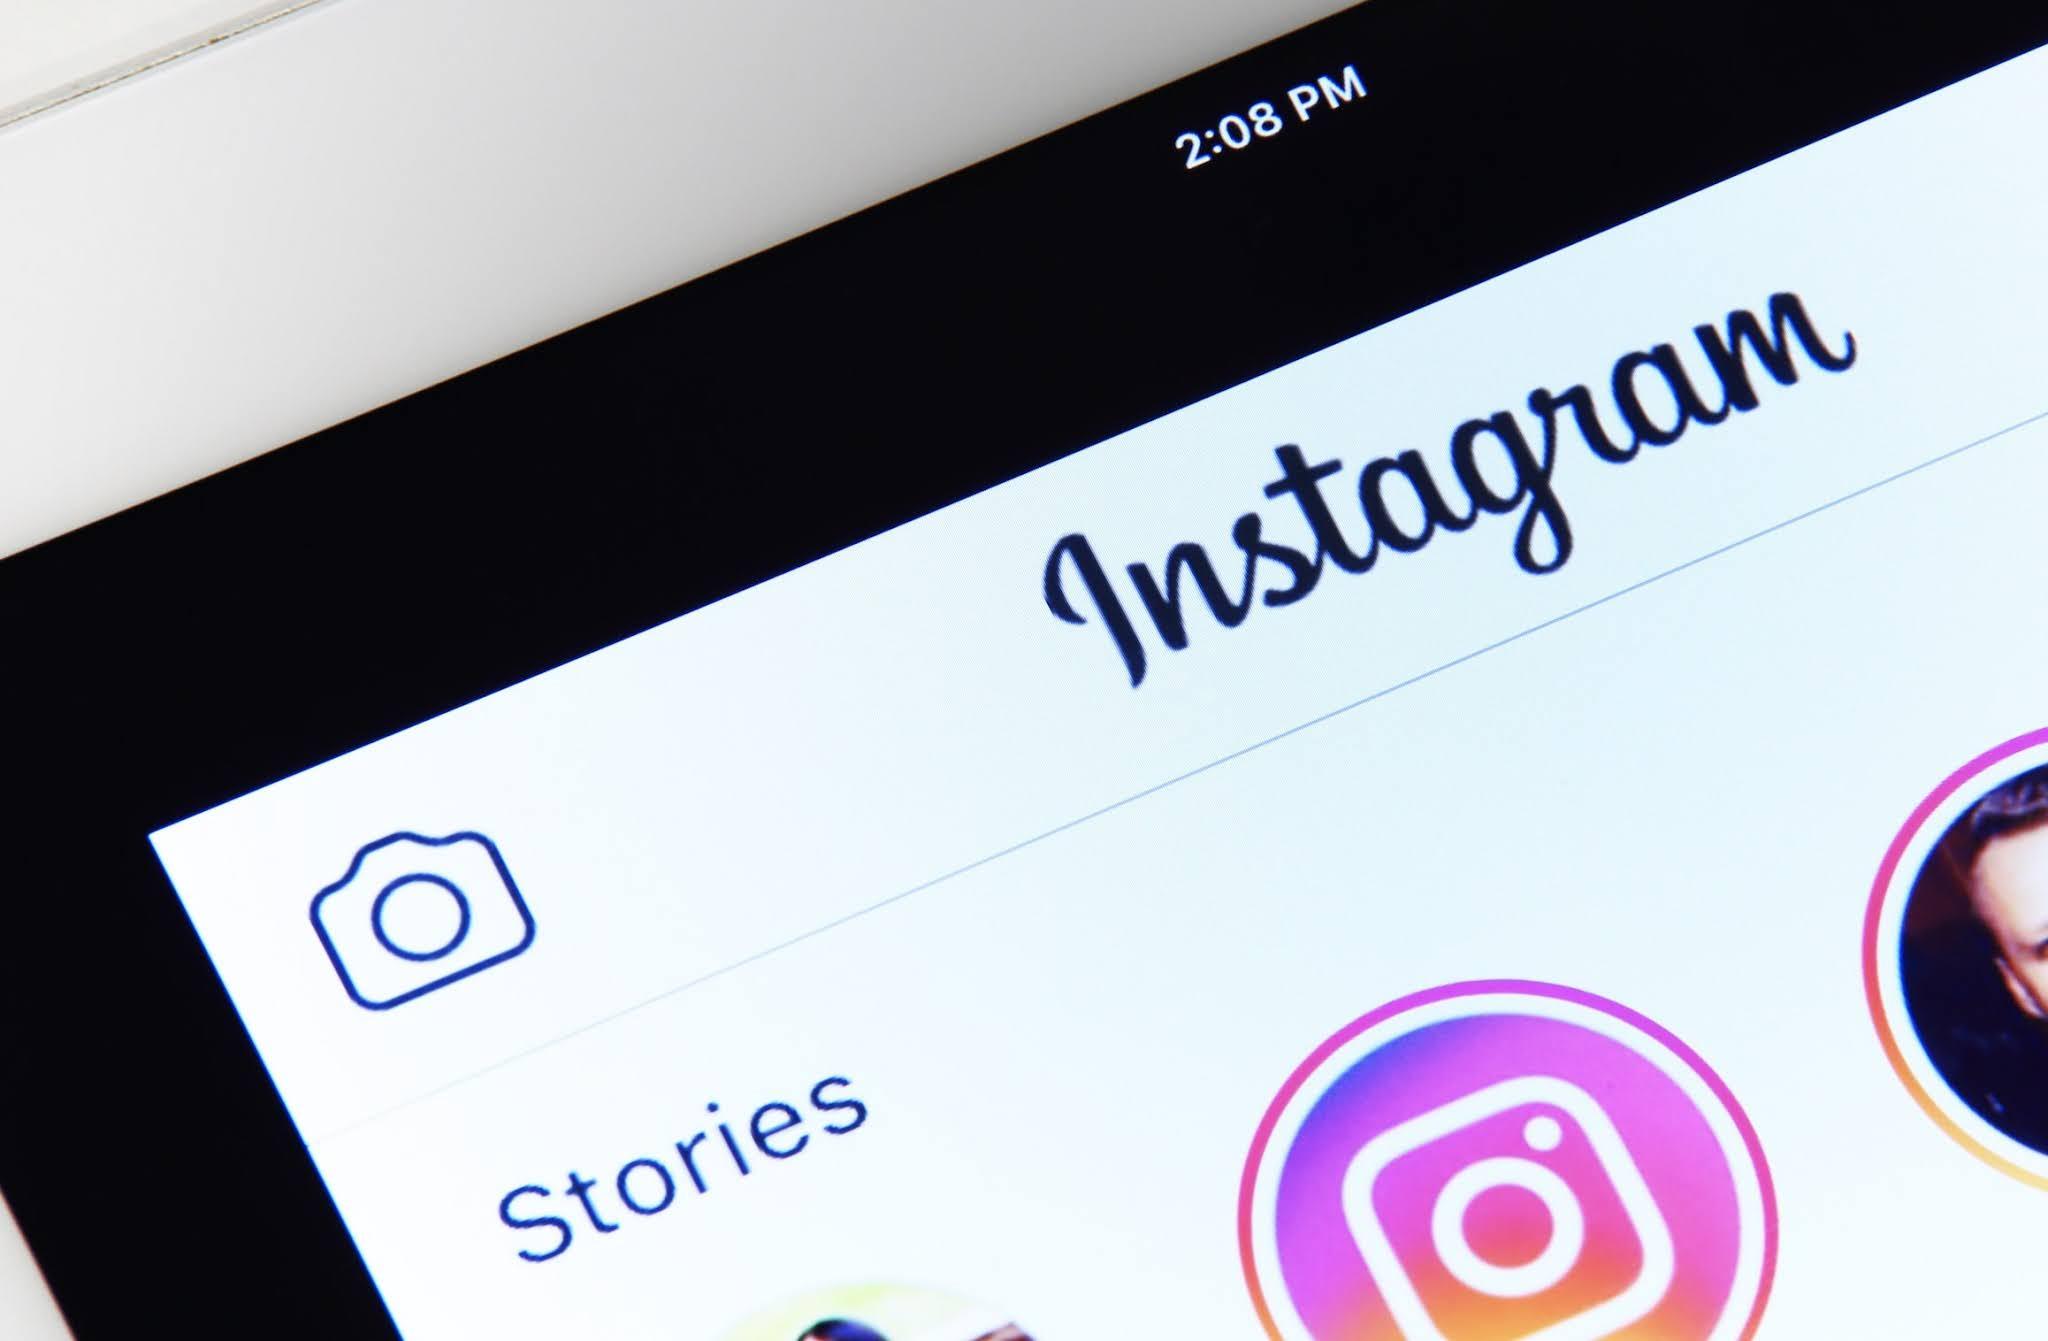 Por que as pessoas estão tão viciadas nos stories do Instagram? Especialista explica;